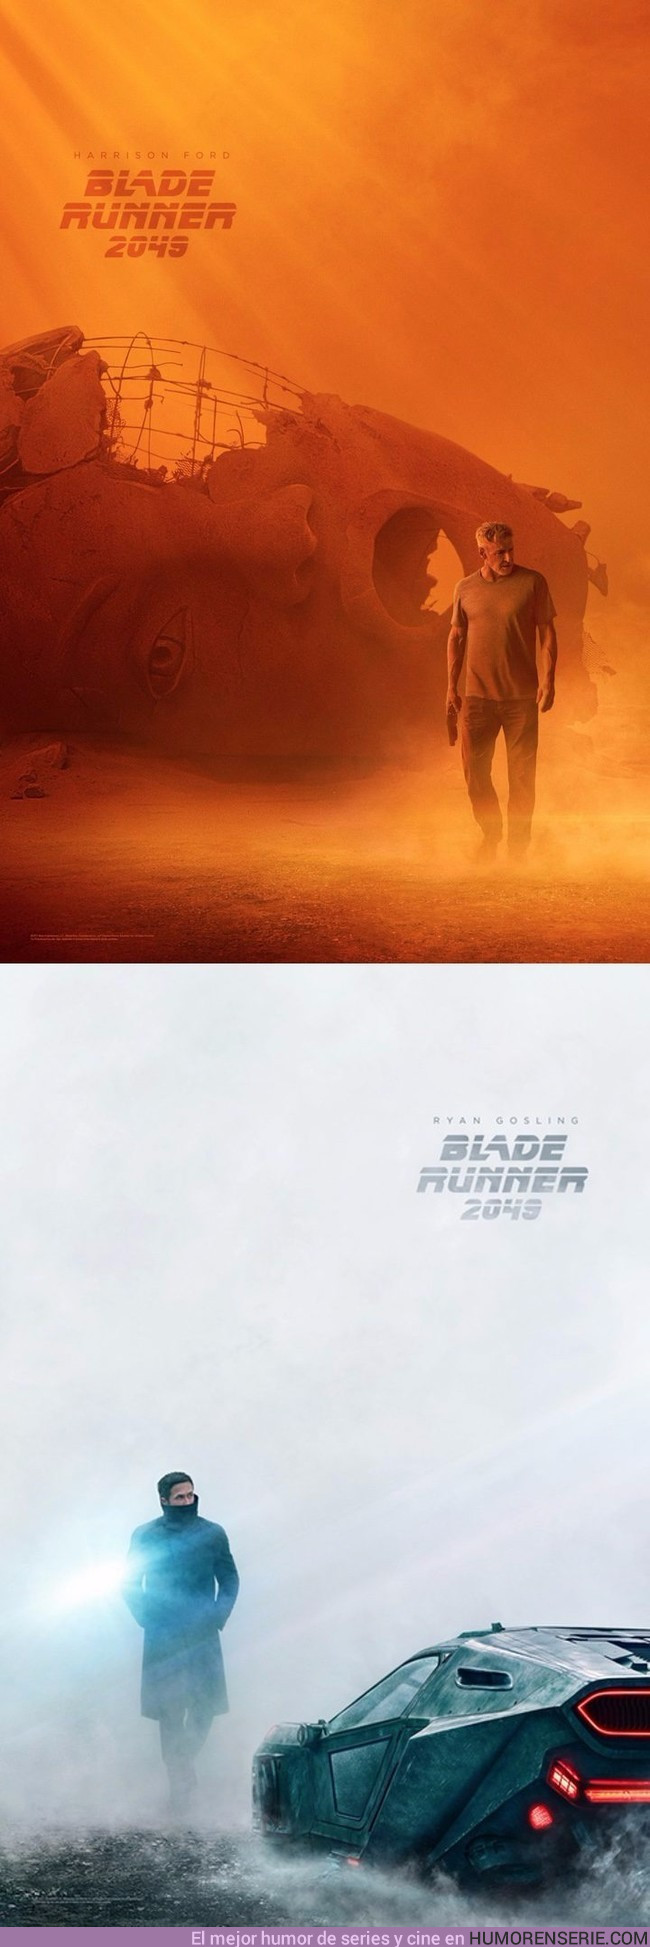 13629 - Primeros pósters oficiales de la nueva Blade Runner